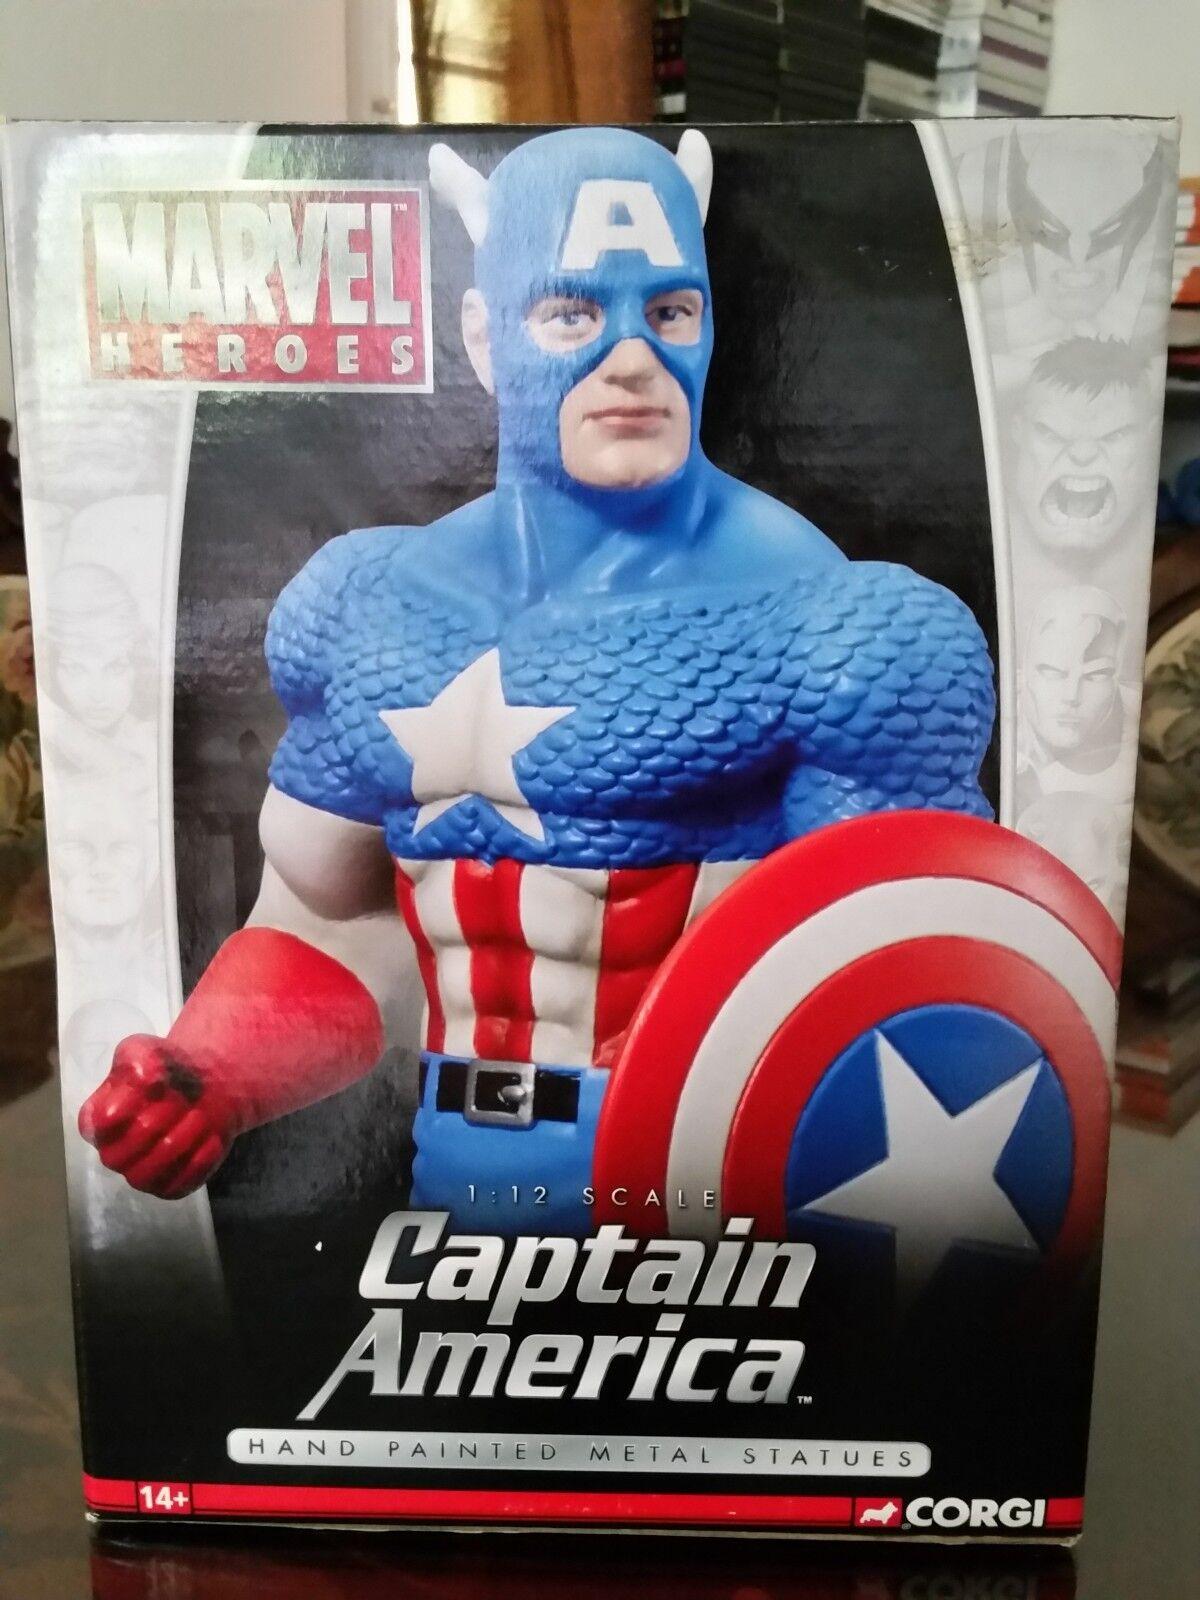 Captain america 13.12 uhr  kamelhaar skala metal statue corgi marvel avengers